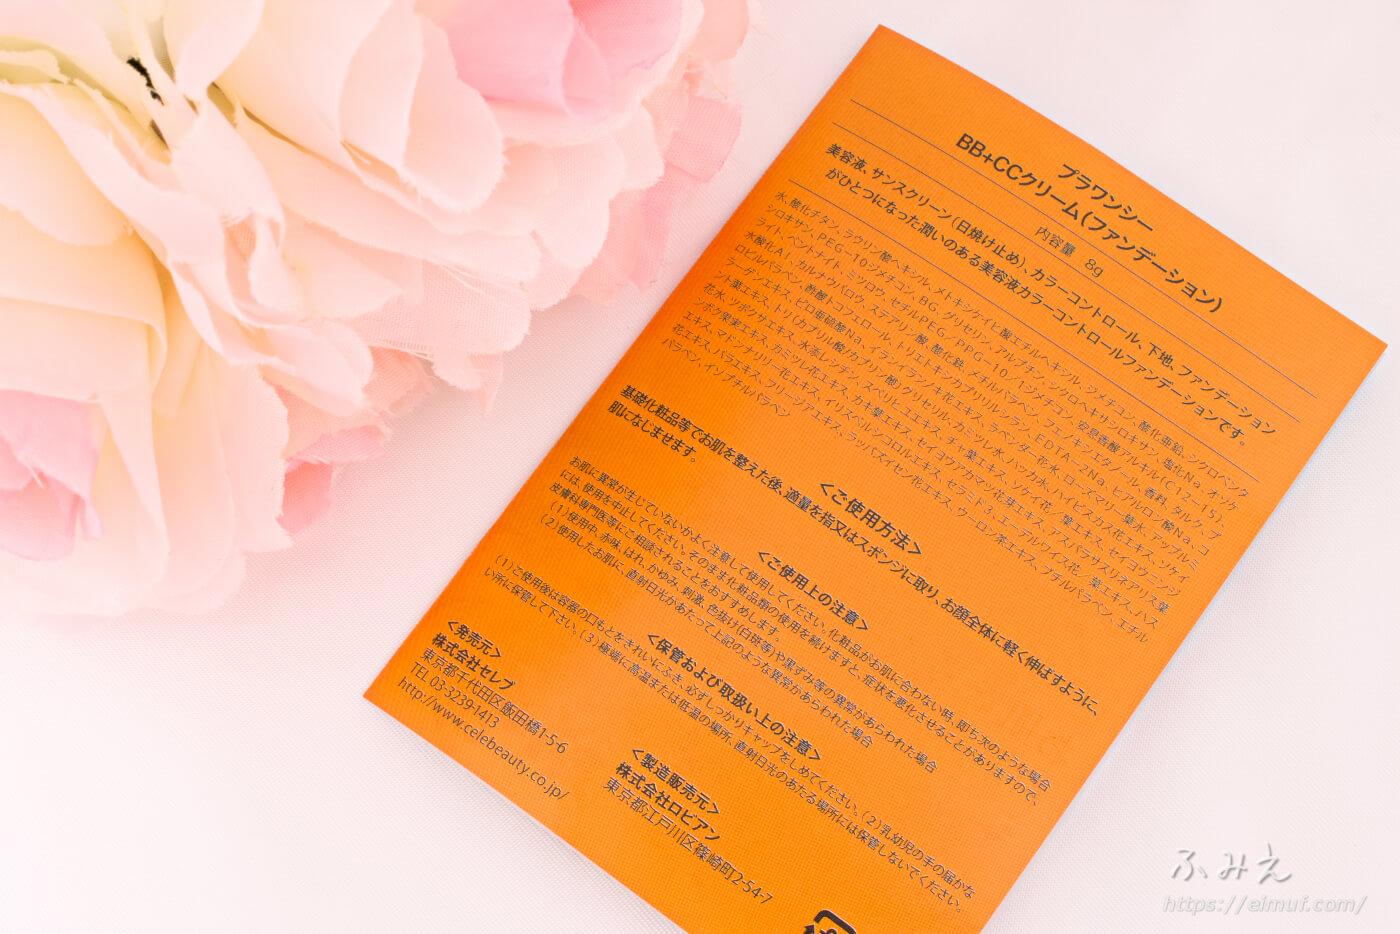 プラワンシー BB+CCクリーム(ミニサイズ) パッケージ裏面の紙